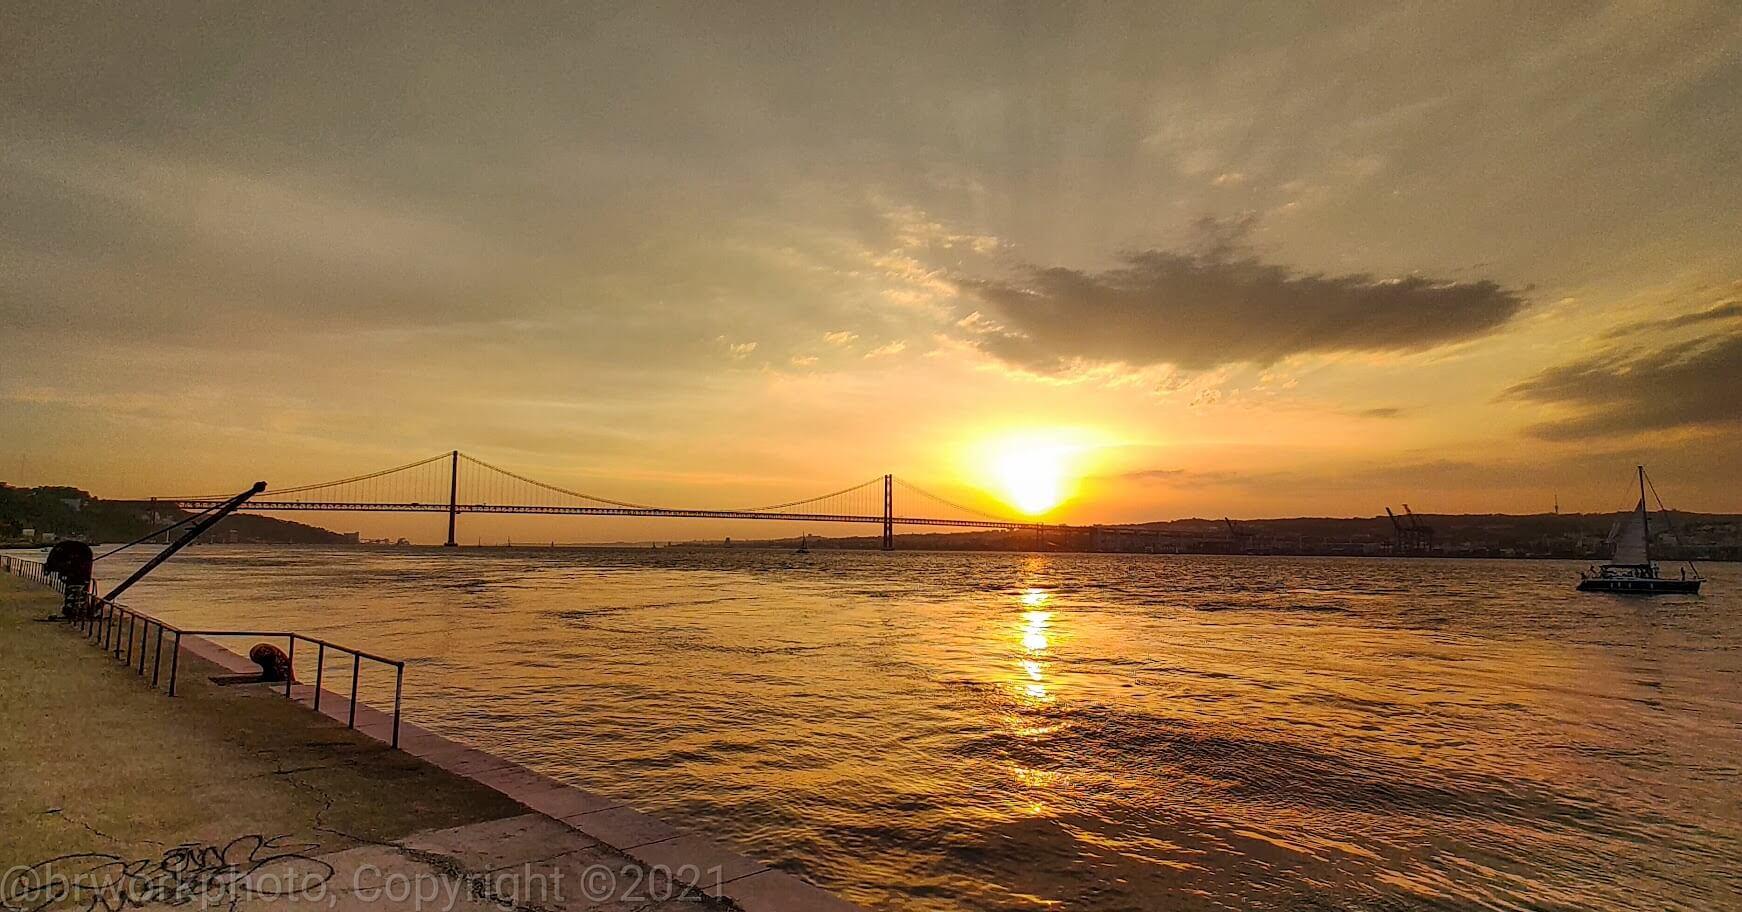 A ponte 25 de Abril ao entardecer